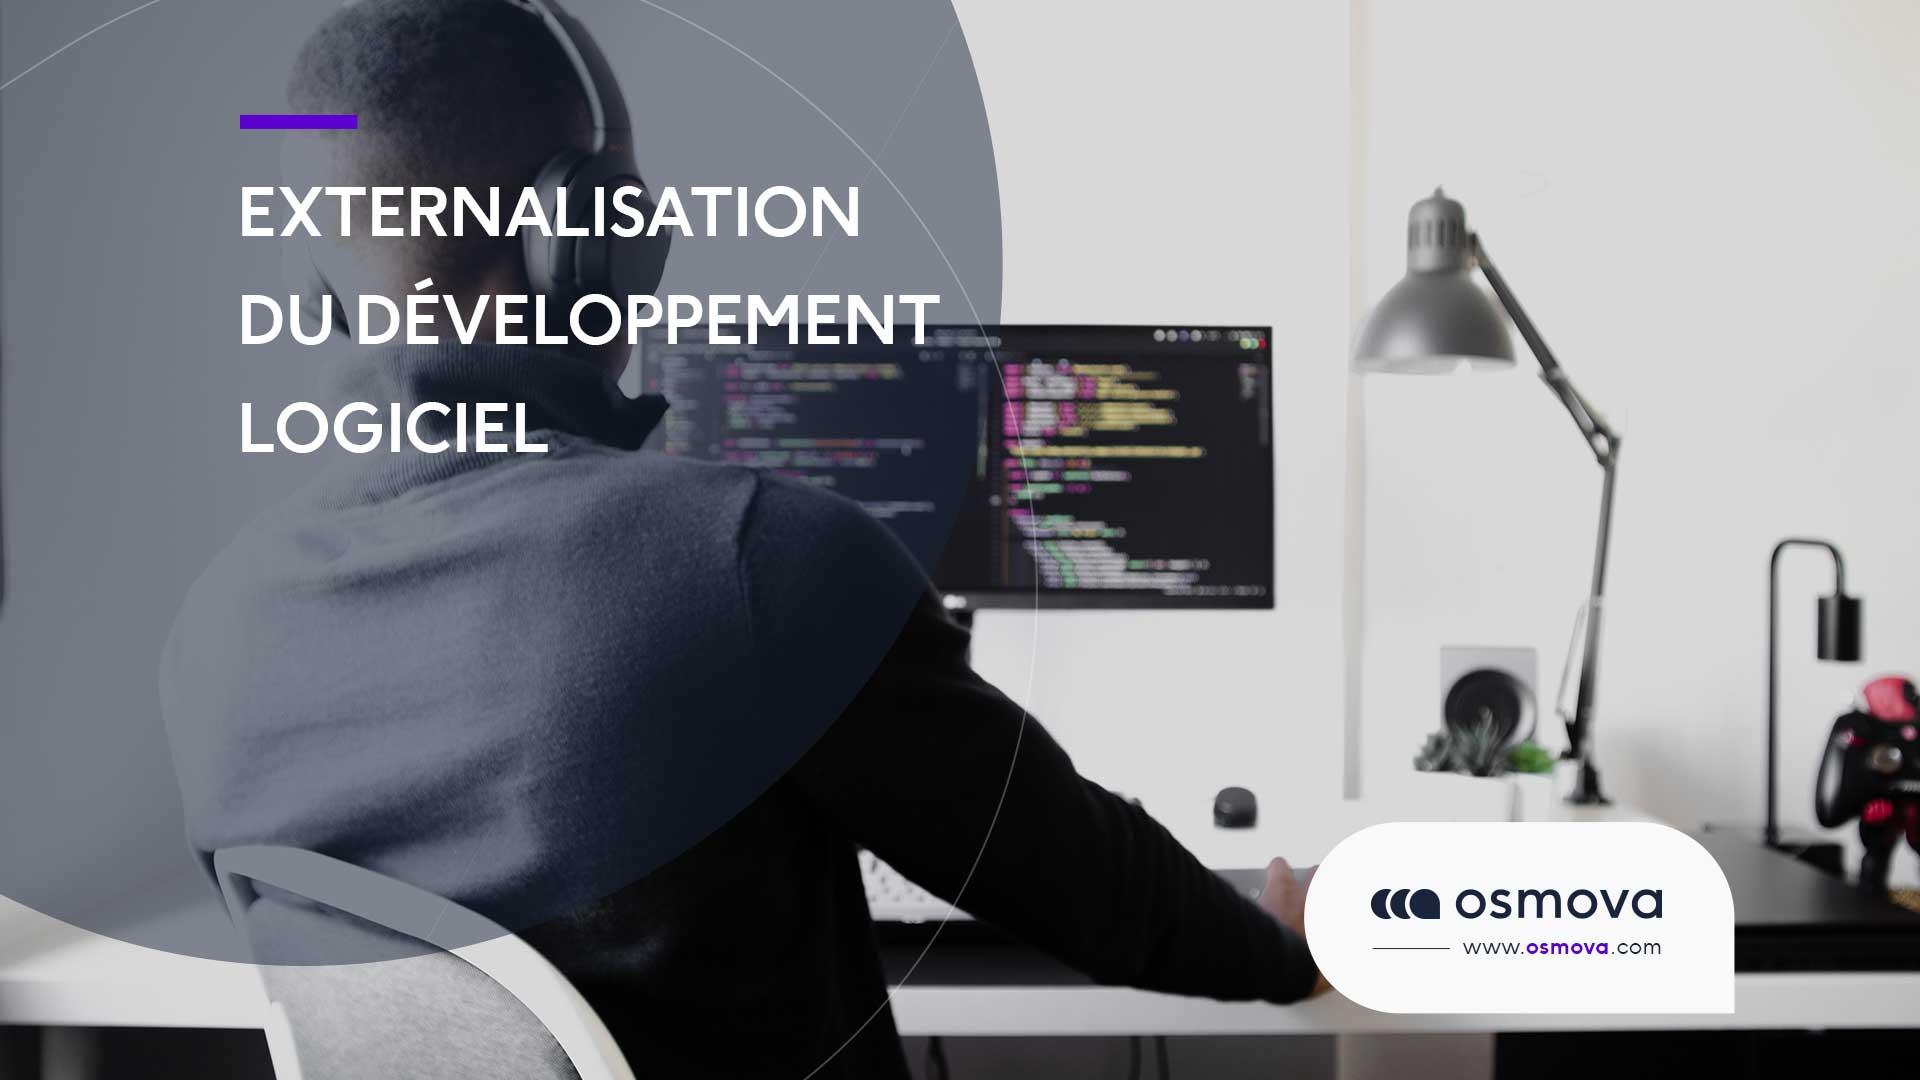 Externalisation de développement logiciel